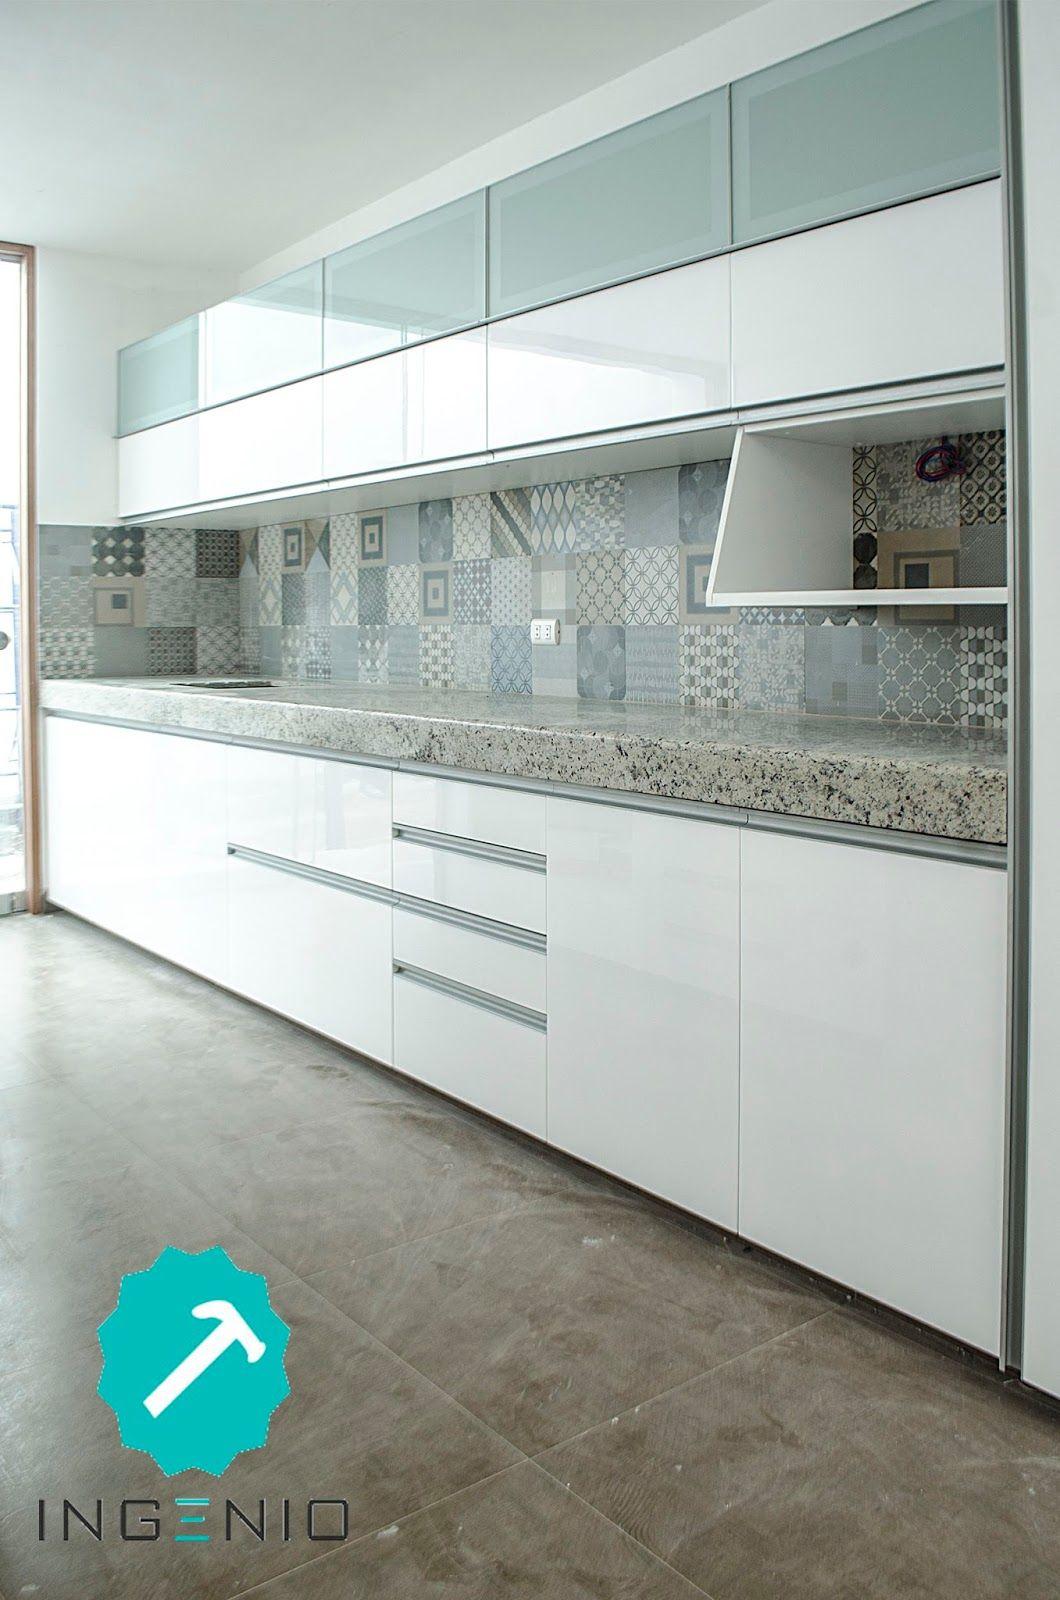 Mueble de cocina con acabado poliuretano blanco muebles - Ver muebles de cocina modernos ...